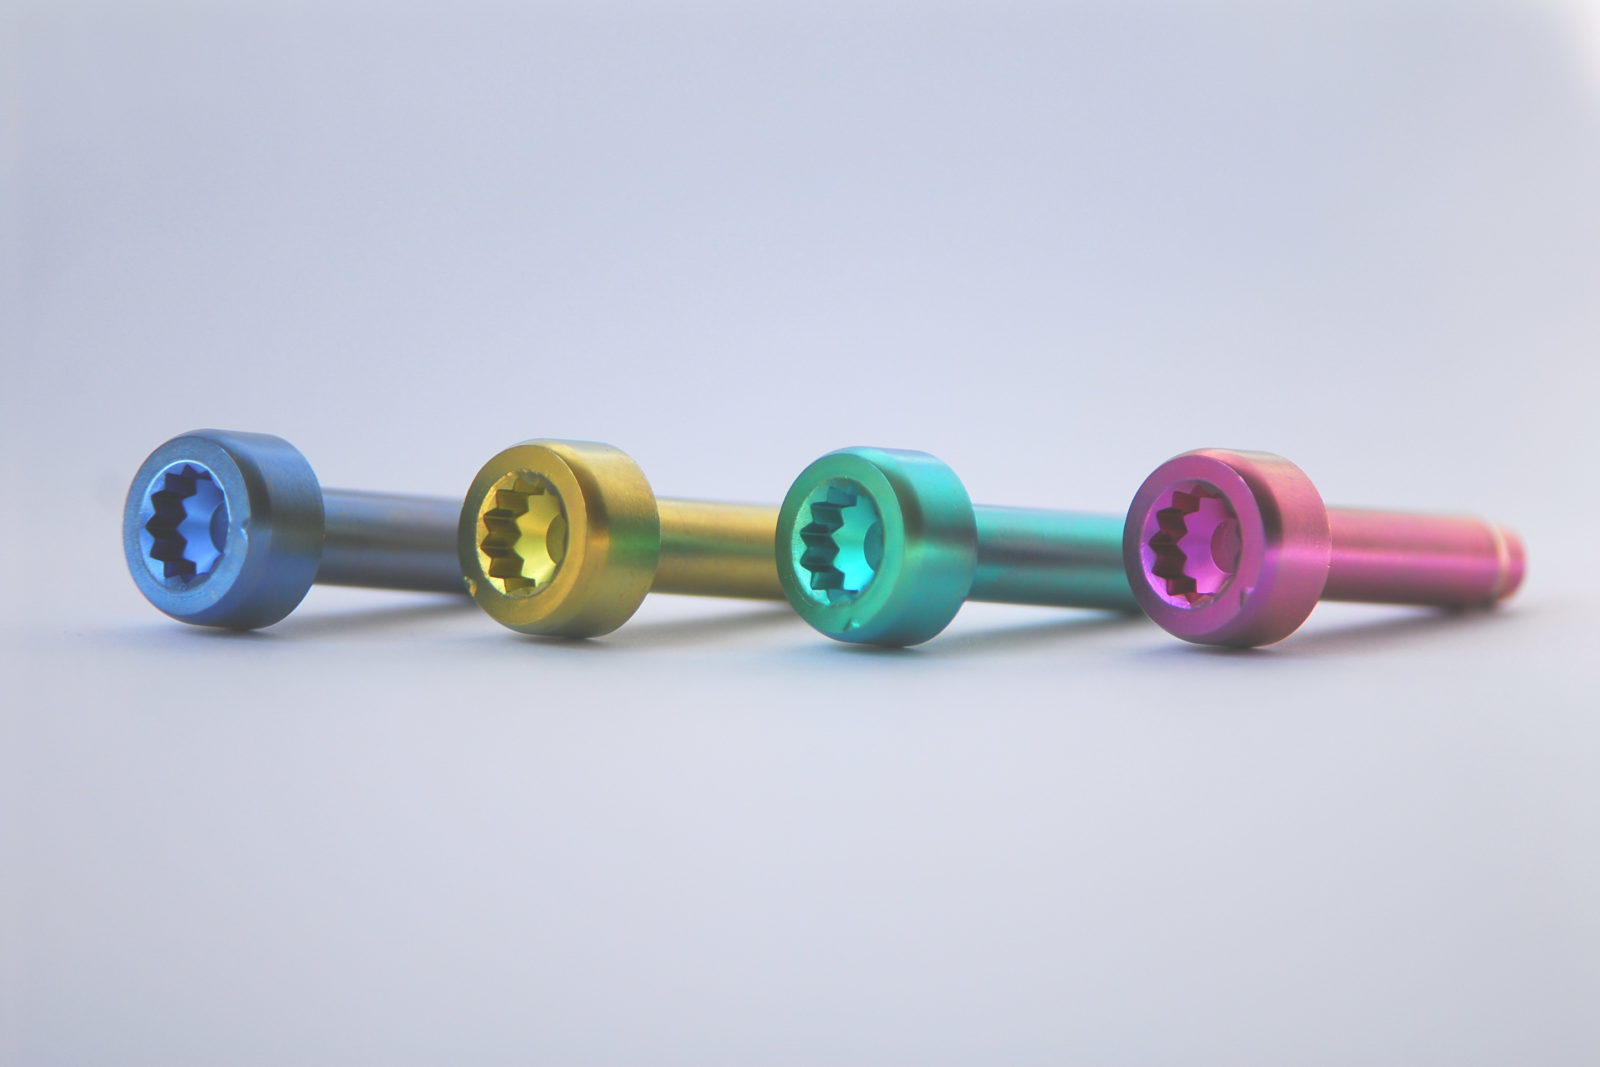 Presseinfo 2010 Oberflächentechnik Für Titan Bild 2 Farbige Titanschrauben